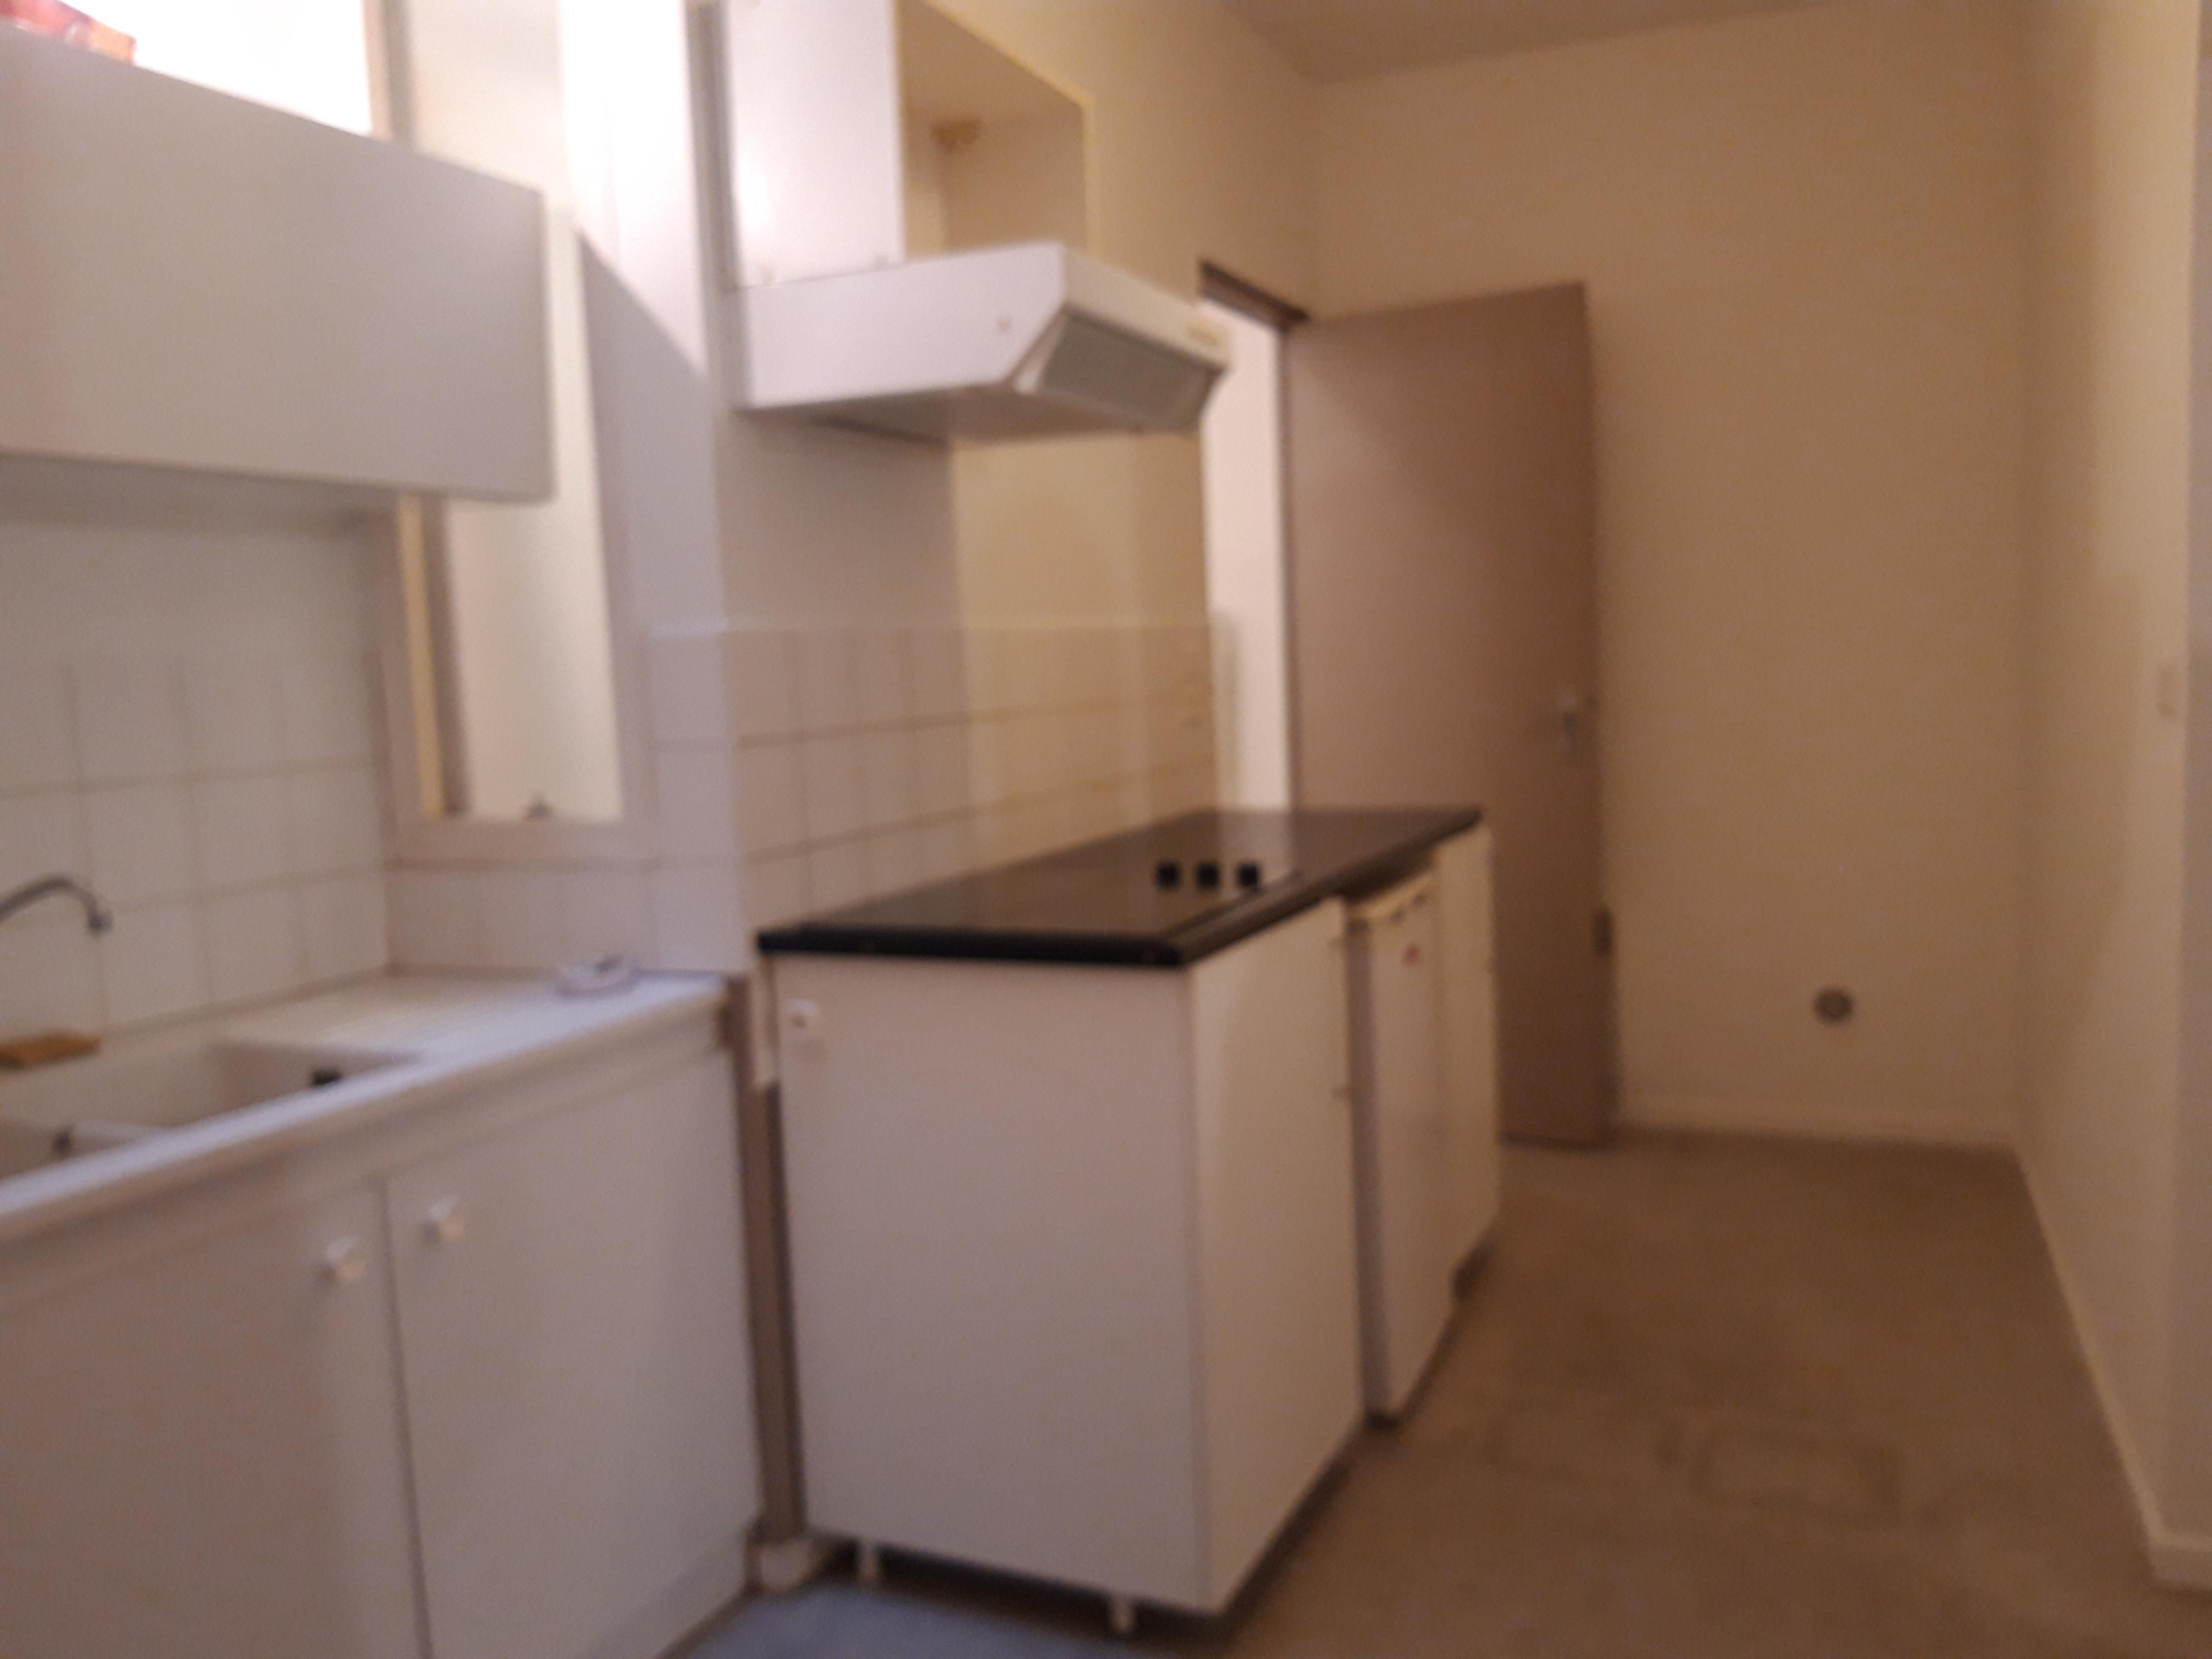 Appartement T2 à louer en RDC d'un immeuble du centre historique de Figeac